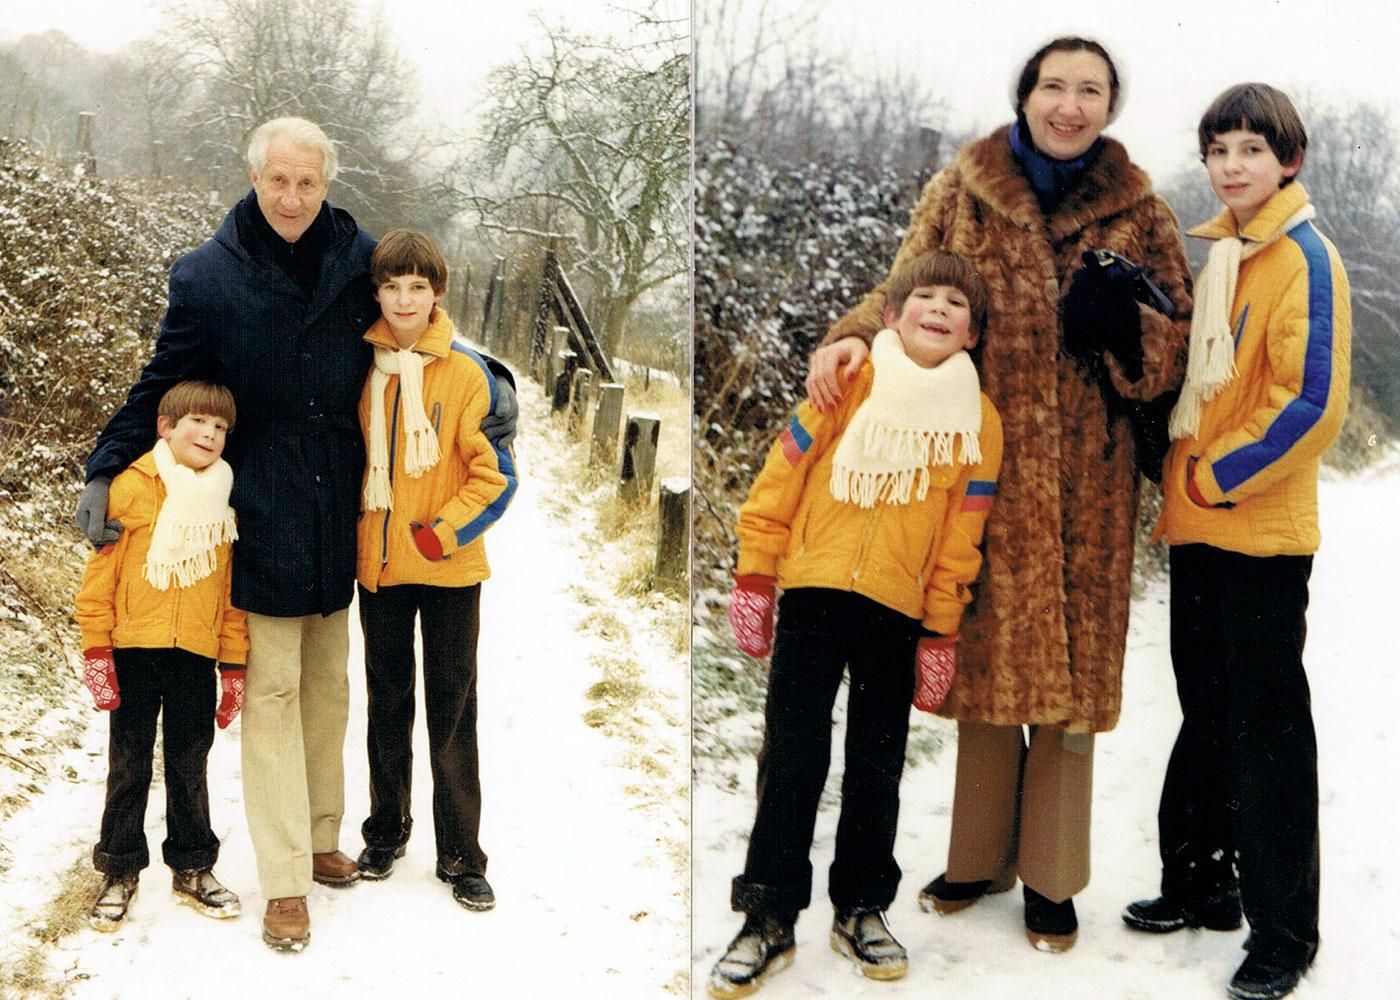 Zweite Ehe • Kronberg • 1978 • Rudolf Alexander und zweite Ehefrau Gertrud mit den Kindern Reneè und Alexander Agricola